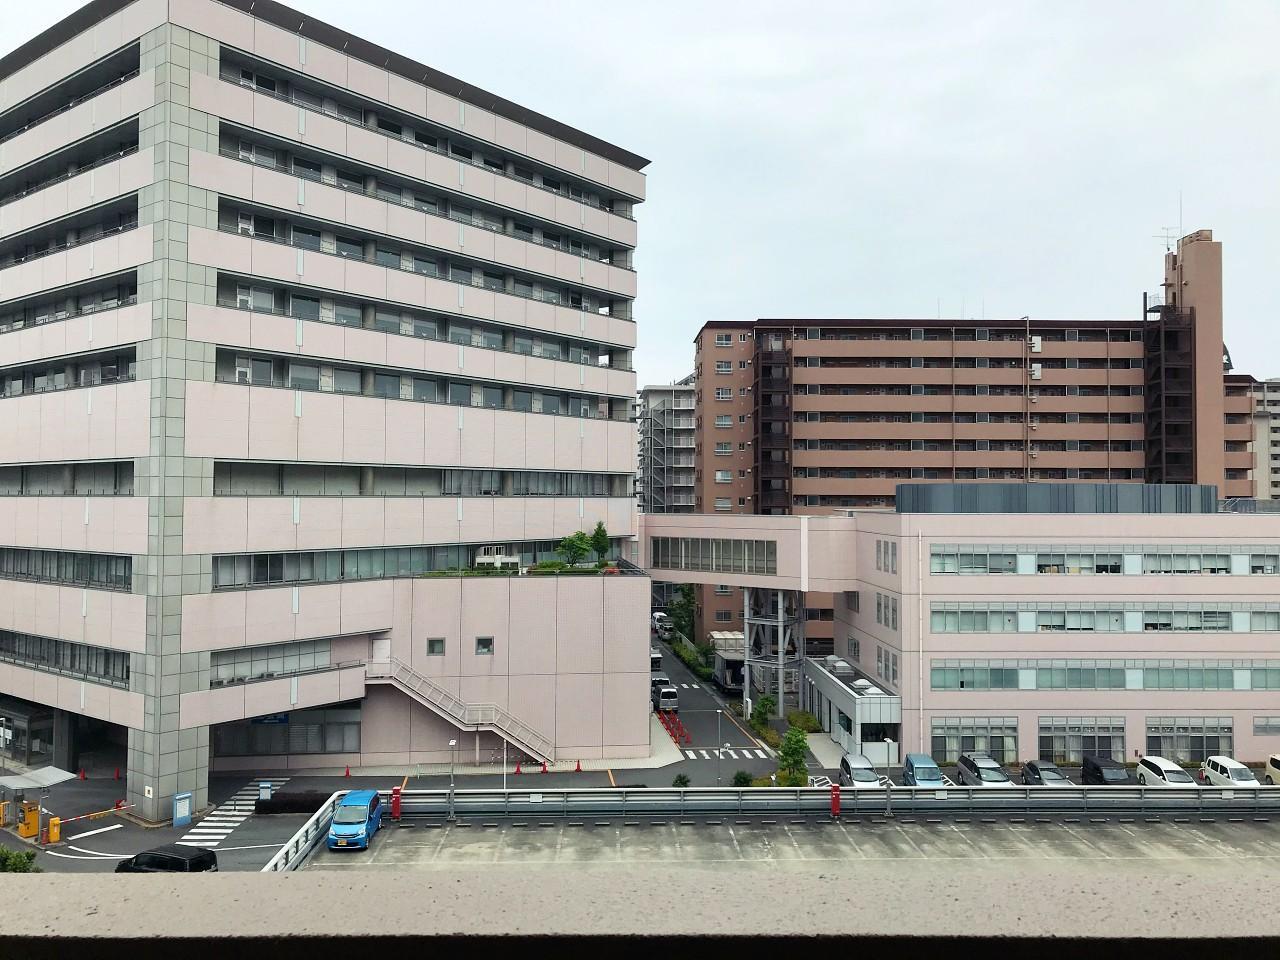 目の前は向かいにある大病院の駐車場